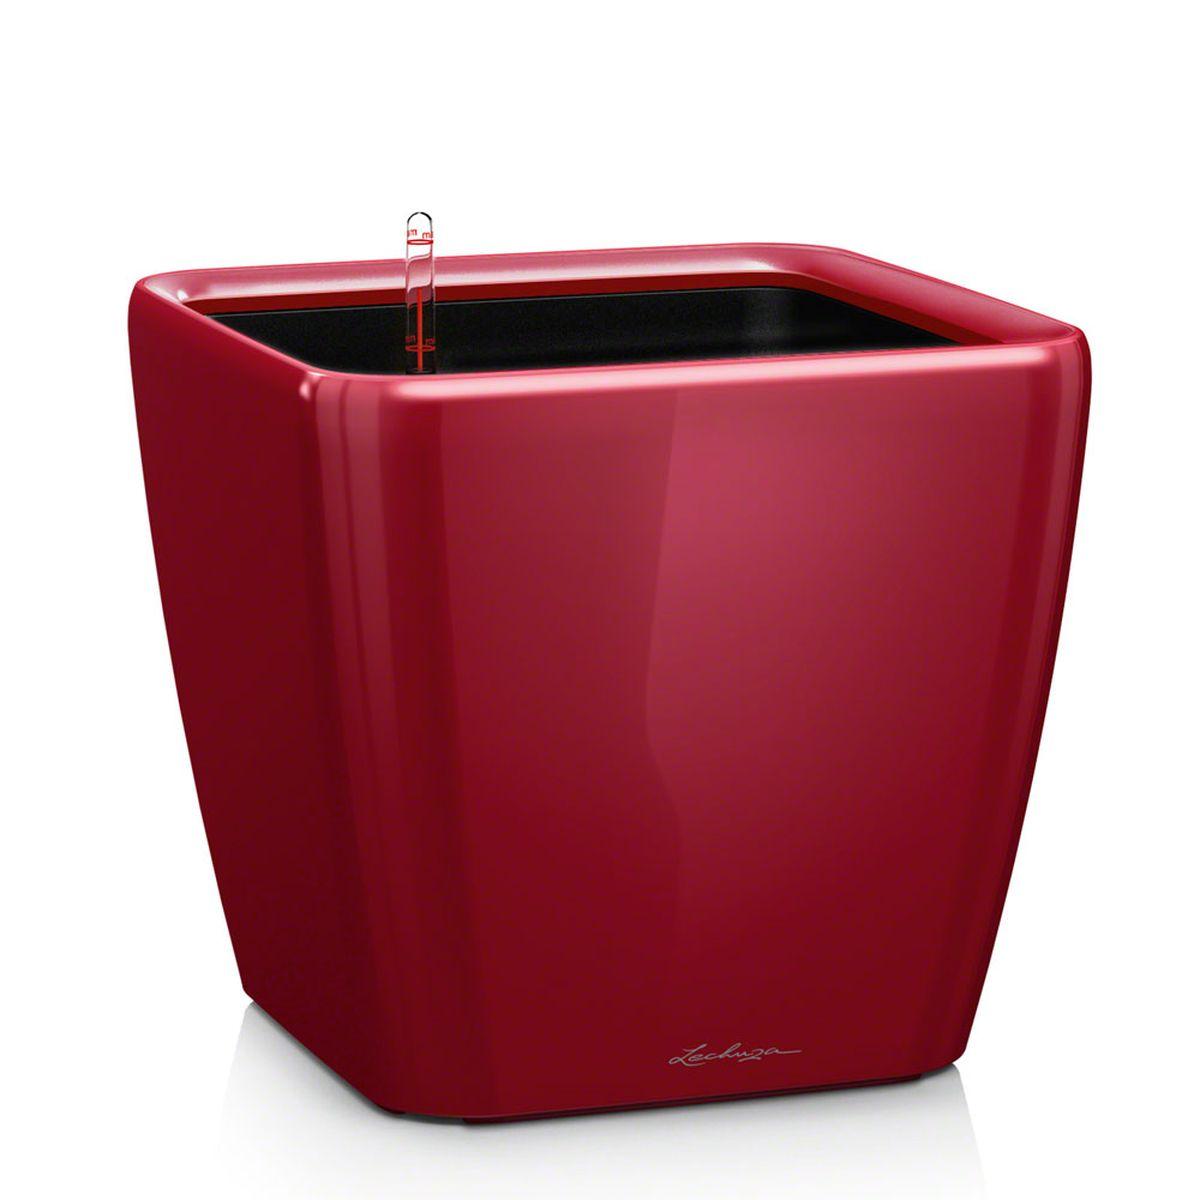 Кашпо Lechuza Quadro, с системой автополива, цвет: красный, 28 х 28 х 26 см16147Кашпо Lechuza Quadro, выполненное из высококачественного пластика, имеет уникальную систему автополива, благодаря которой корневая система растения непрерывно снабжается влагой из резервуара. Уровень воды в резервуаре контролируется с помощью специального индикатора. В зависимости от размера кашпо и растения воды хватает на 2-12 недель. Это способствует хорошему росту цветов и предотвращает переувлажнение. В набор входит: кашпо, внутренний горшок с выдвижной эргономичной ручкой, индикатор уровня воды, вал подачи воды, субстрат растений в качестве дренажного слоя, резервуар для воды. Кашпо Lechuza Quadro прекрасно впишется в любой интерьер. Оно поможет расставить нужные акценты, а также придаст помещению вид, соответствующий вашим представлениям.